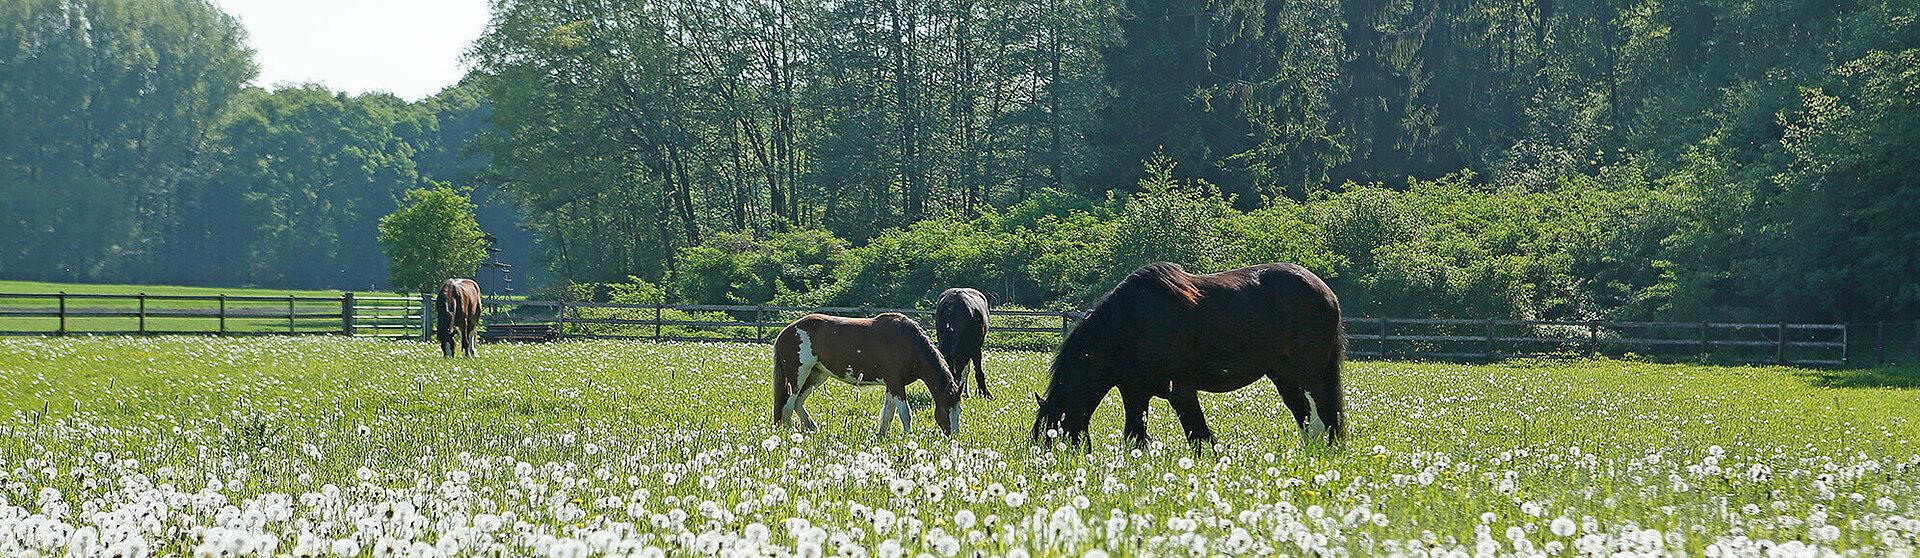 Pferde auf einer grünen Wiese.